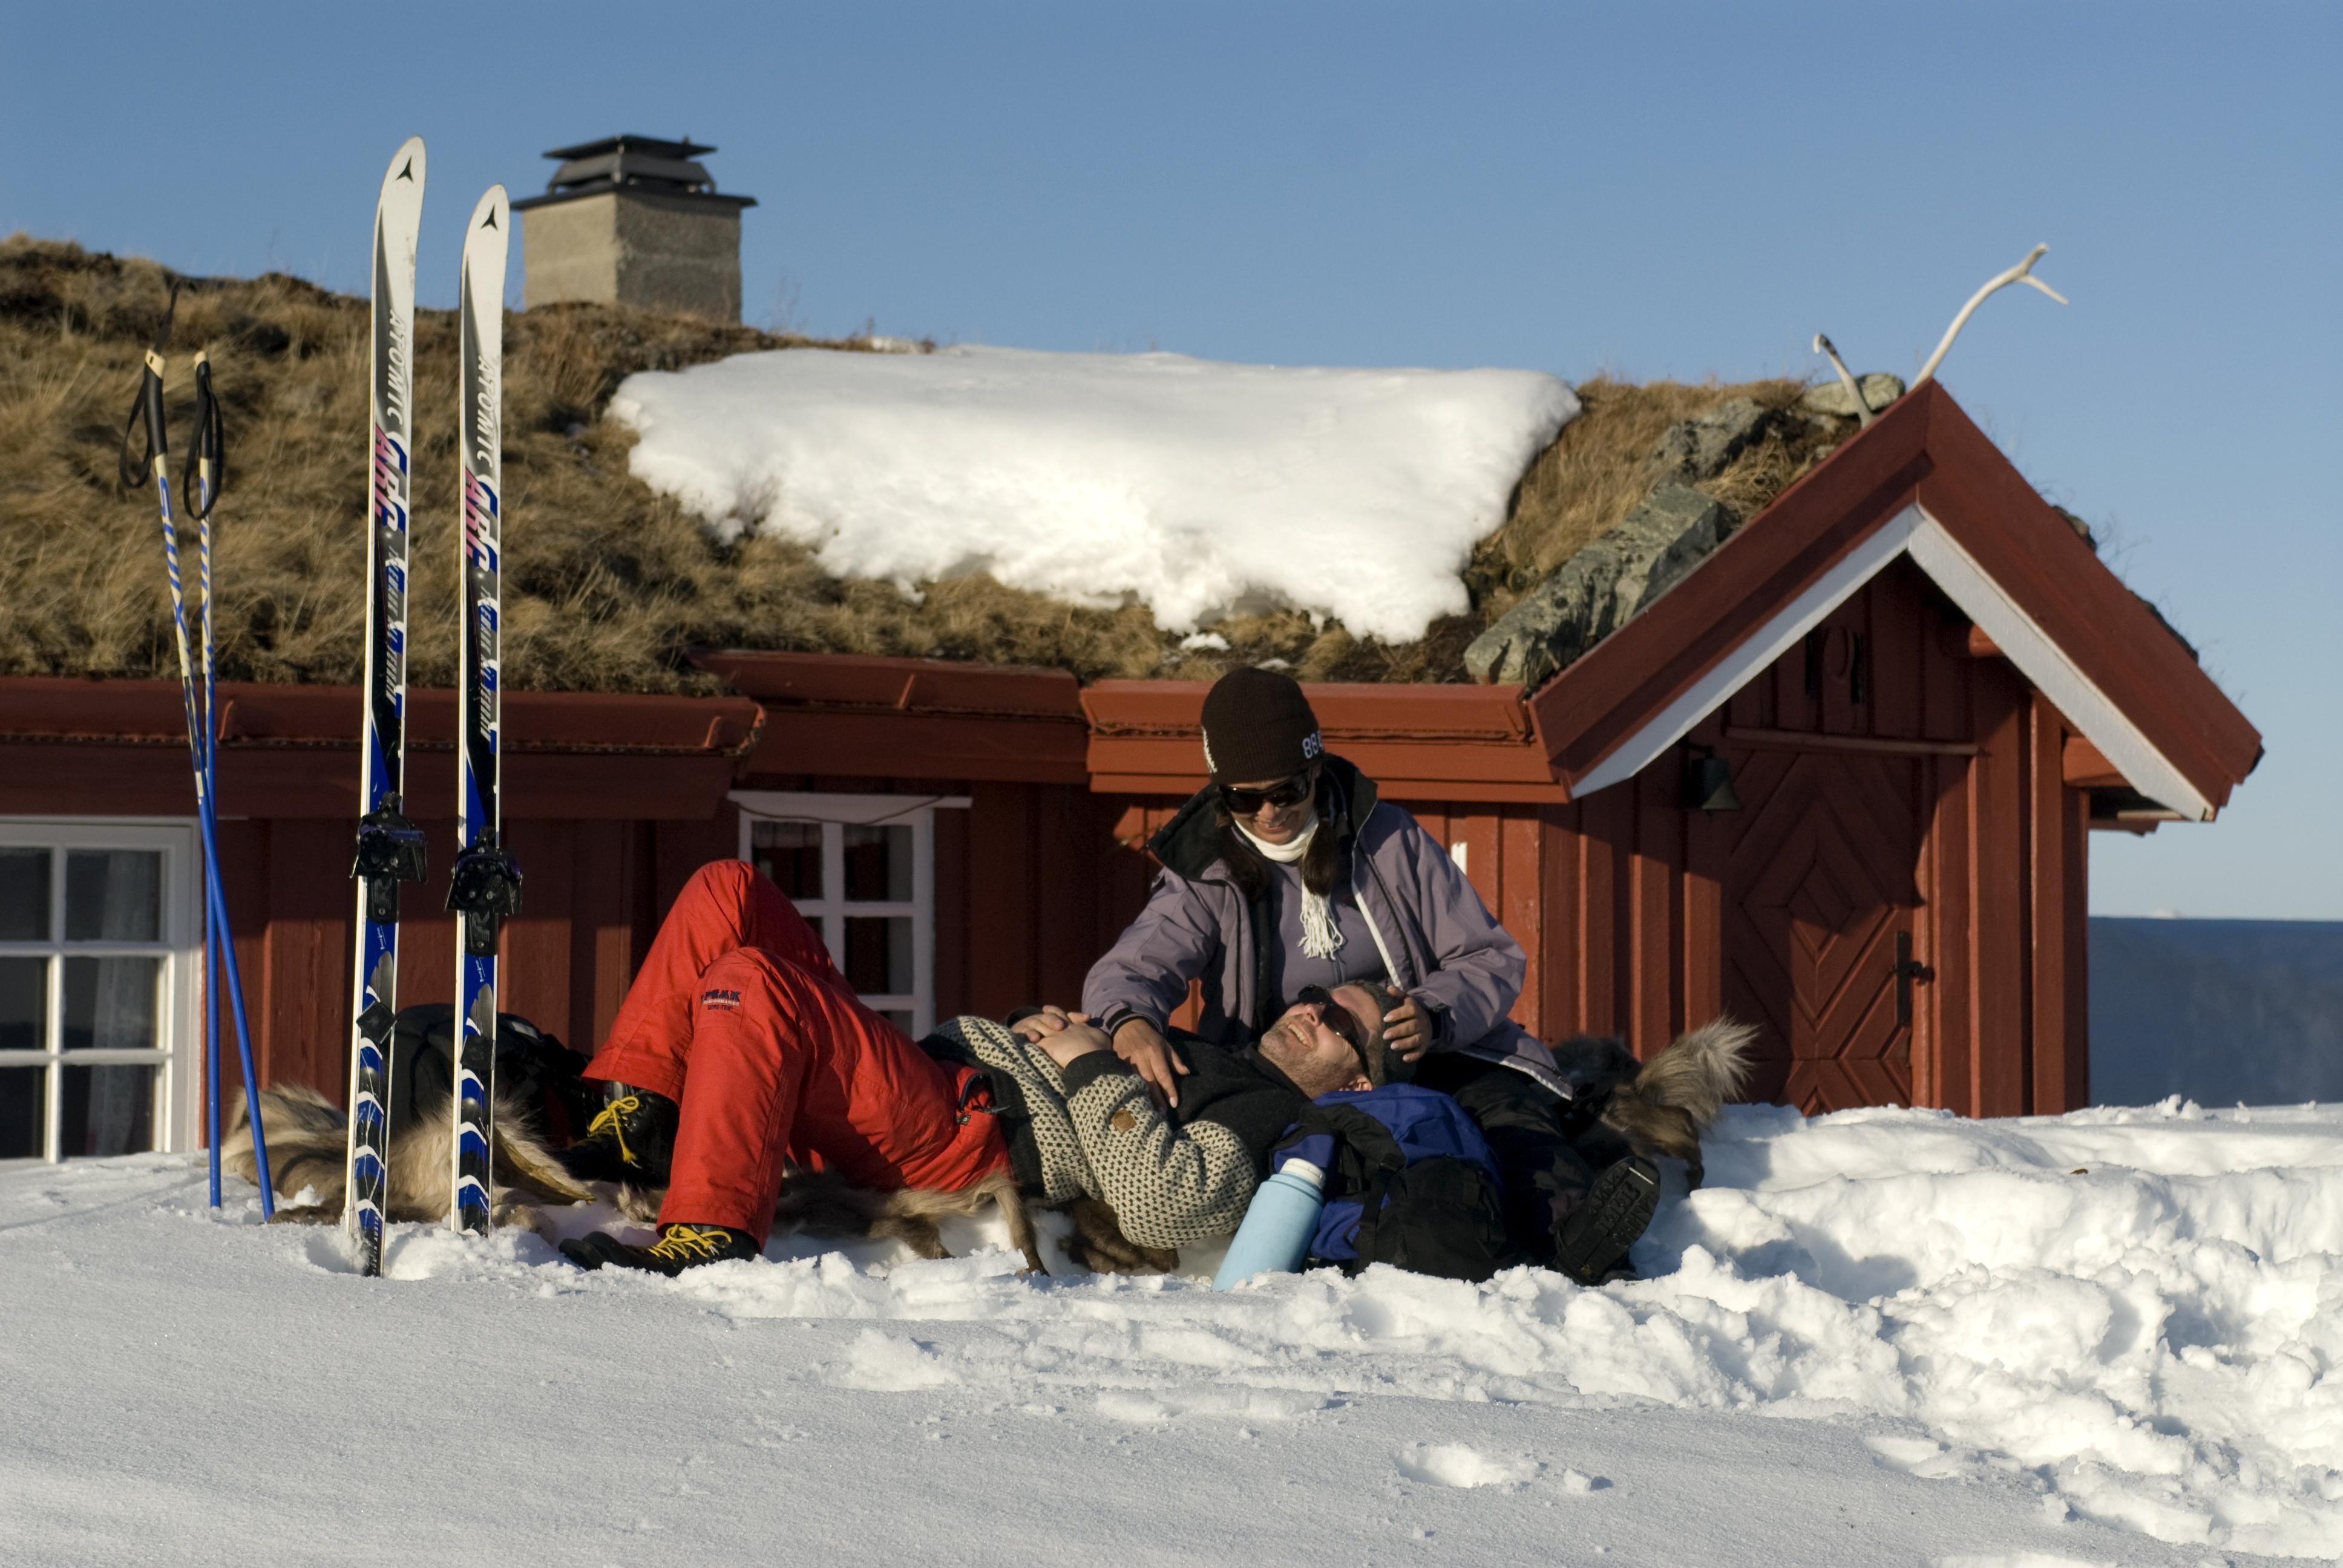 I området er det mange muligheter for kortere og lengre fotturer og skiturer - enten en rundtur i området eller videre til andre hytter. , © Christian Houge/Innovasjon Norge